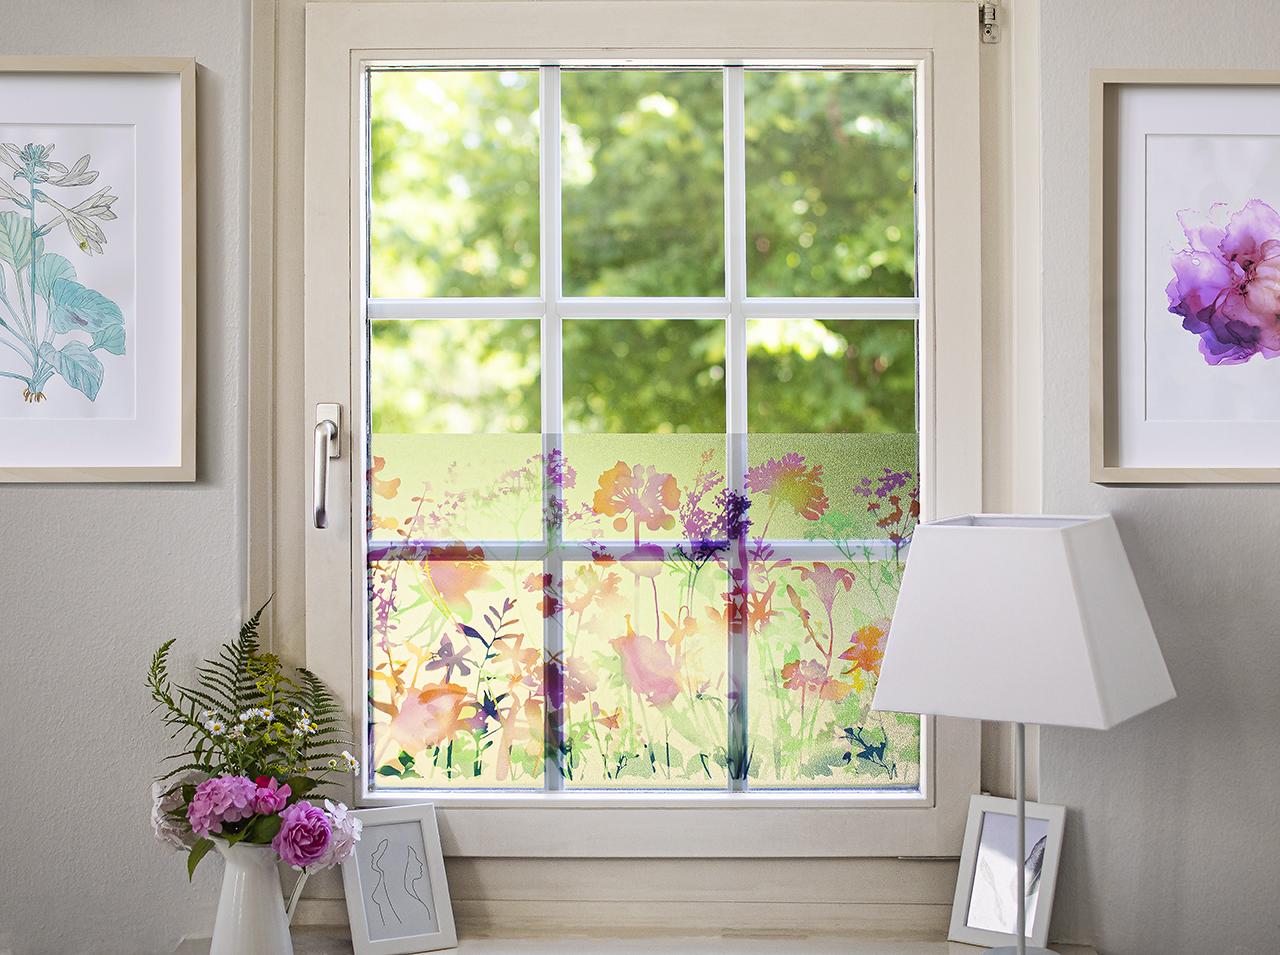 Superficie della finestra ricoperta dalla pellicola per la privacy d-c-fix® Static Premium Miraflores per una maggiore privacy.